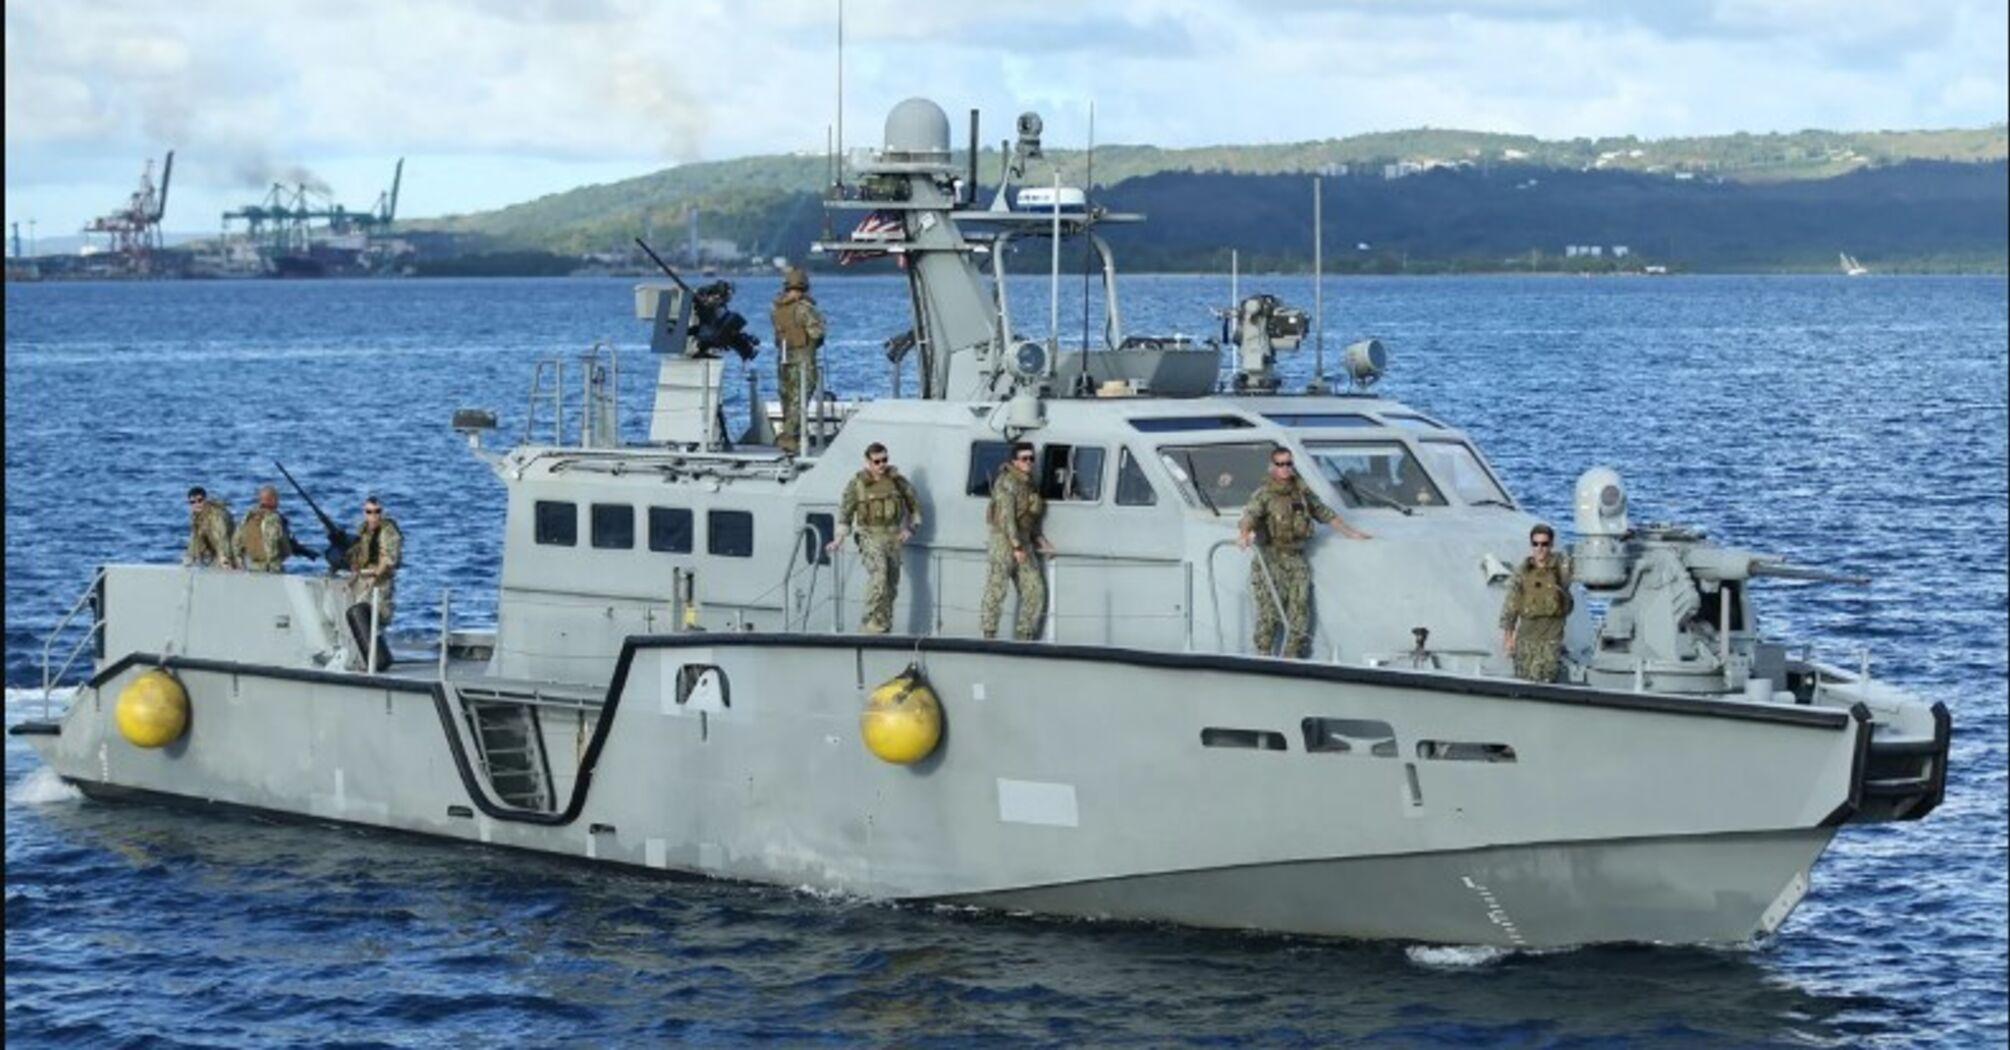 Украина первой получит американские катера Mark VI